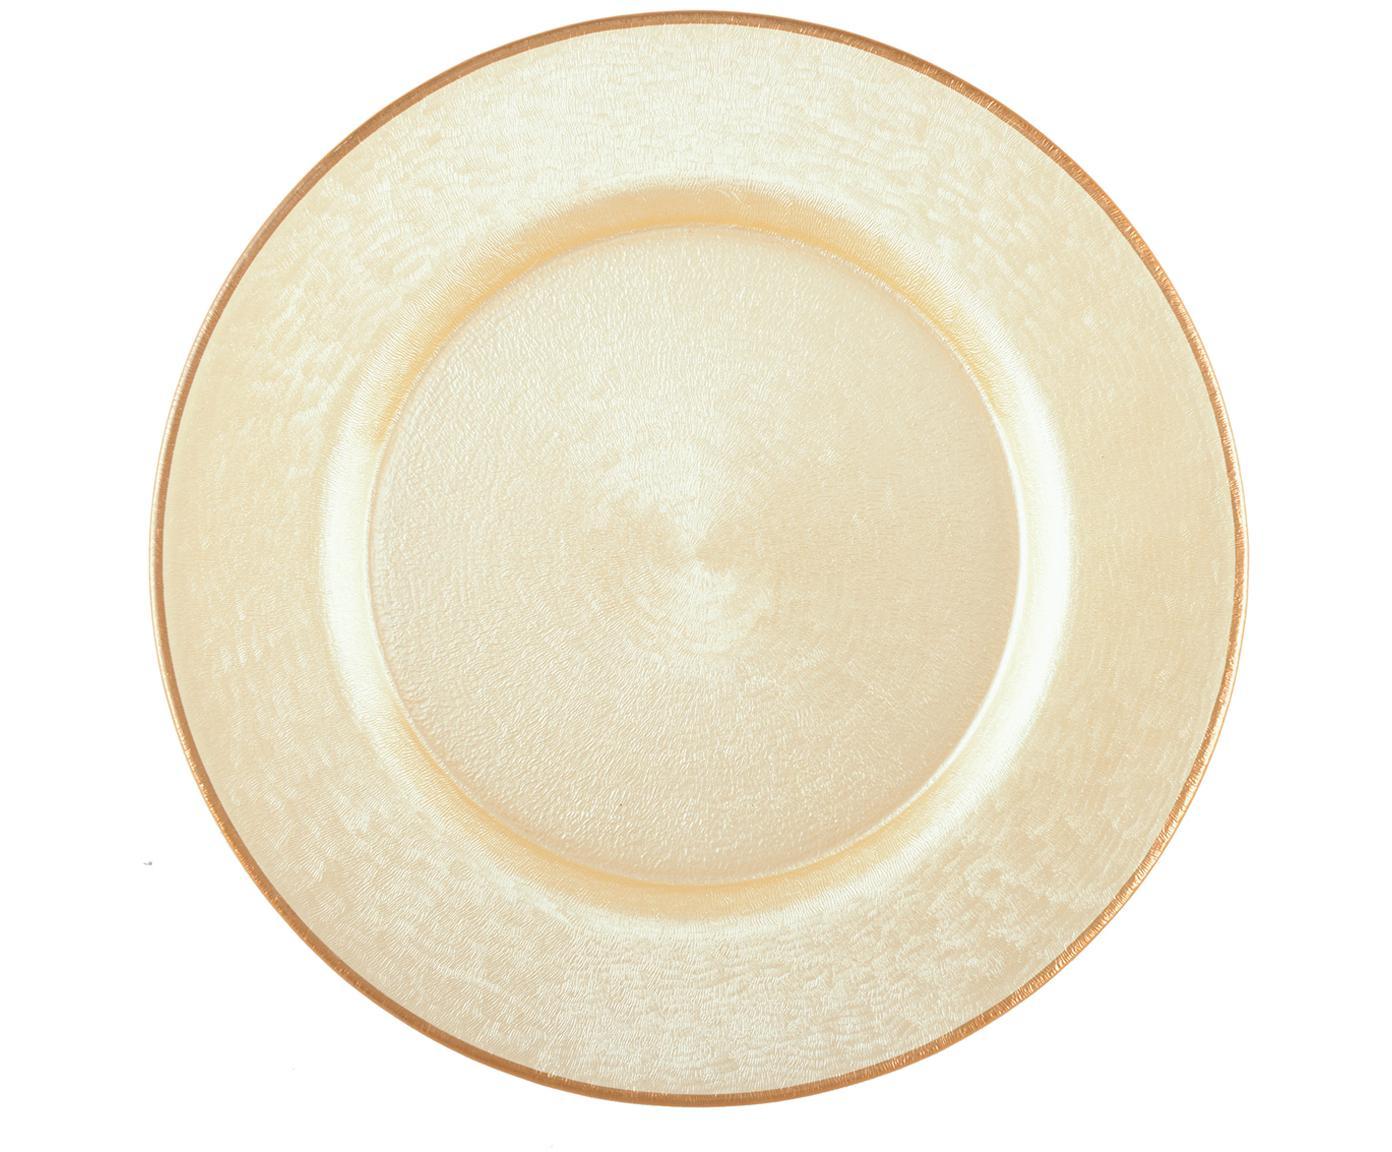 Podstawka pod talerz ze szkła Vanilla, Szklanka, Jasny beżowy, jasny brązowy, Ø 33 cm